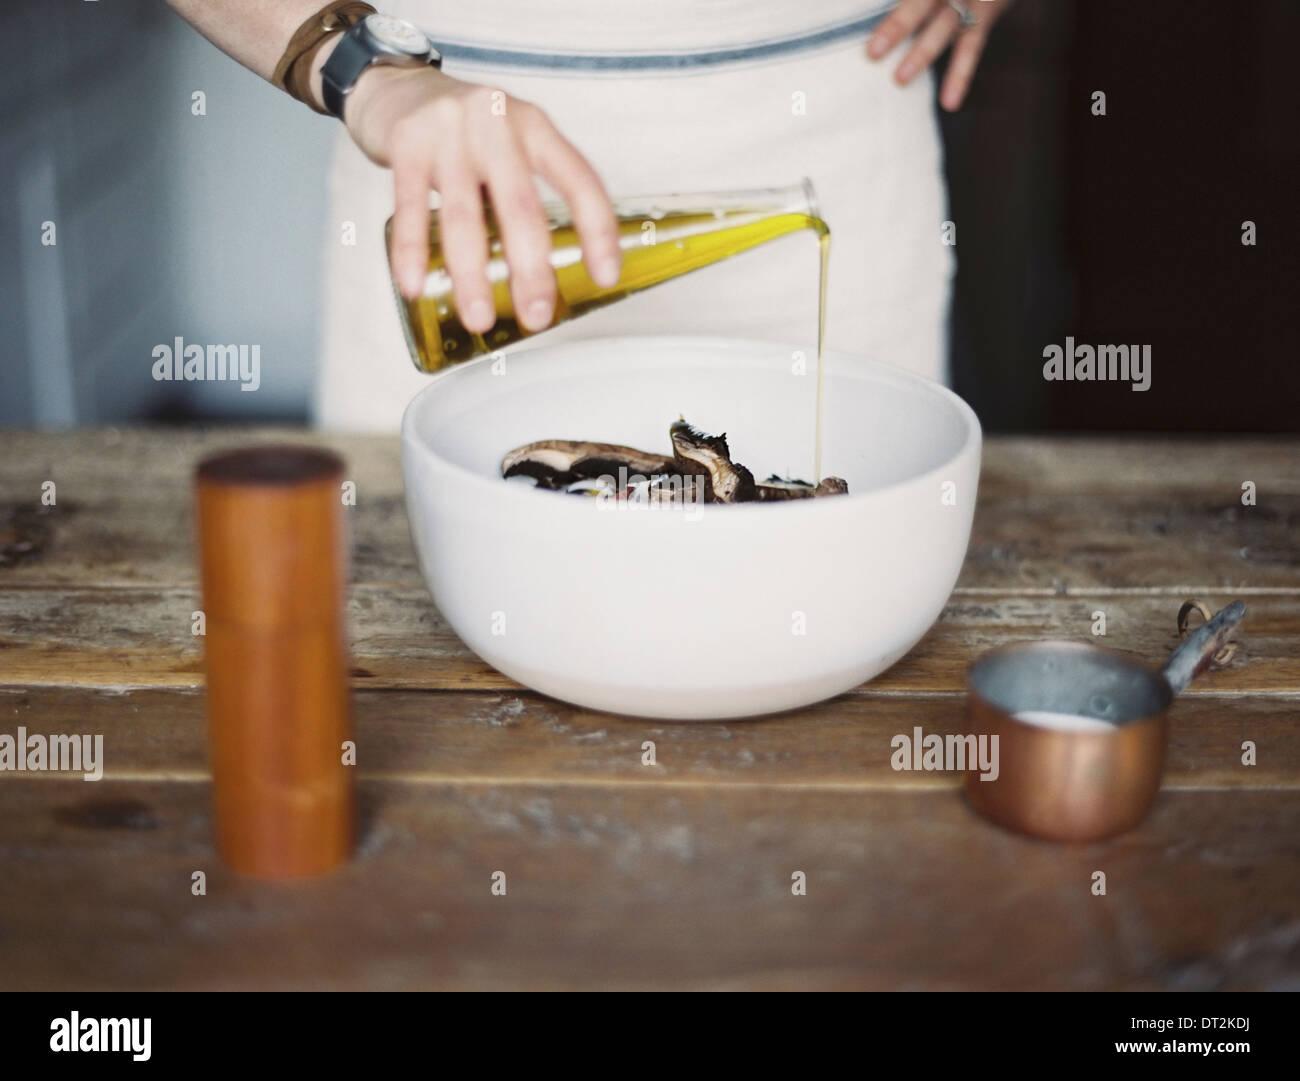 Una cucina domestica di una donna che indossa un grembiule medicazione una fresca insalata di verdure in una ciotola con olio Immagini Stock